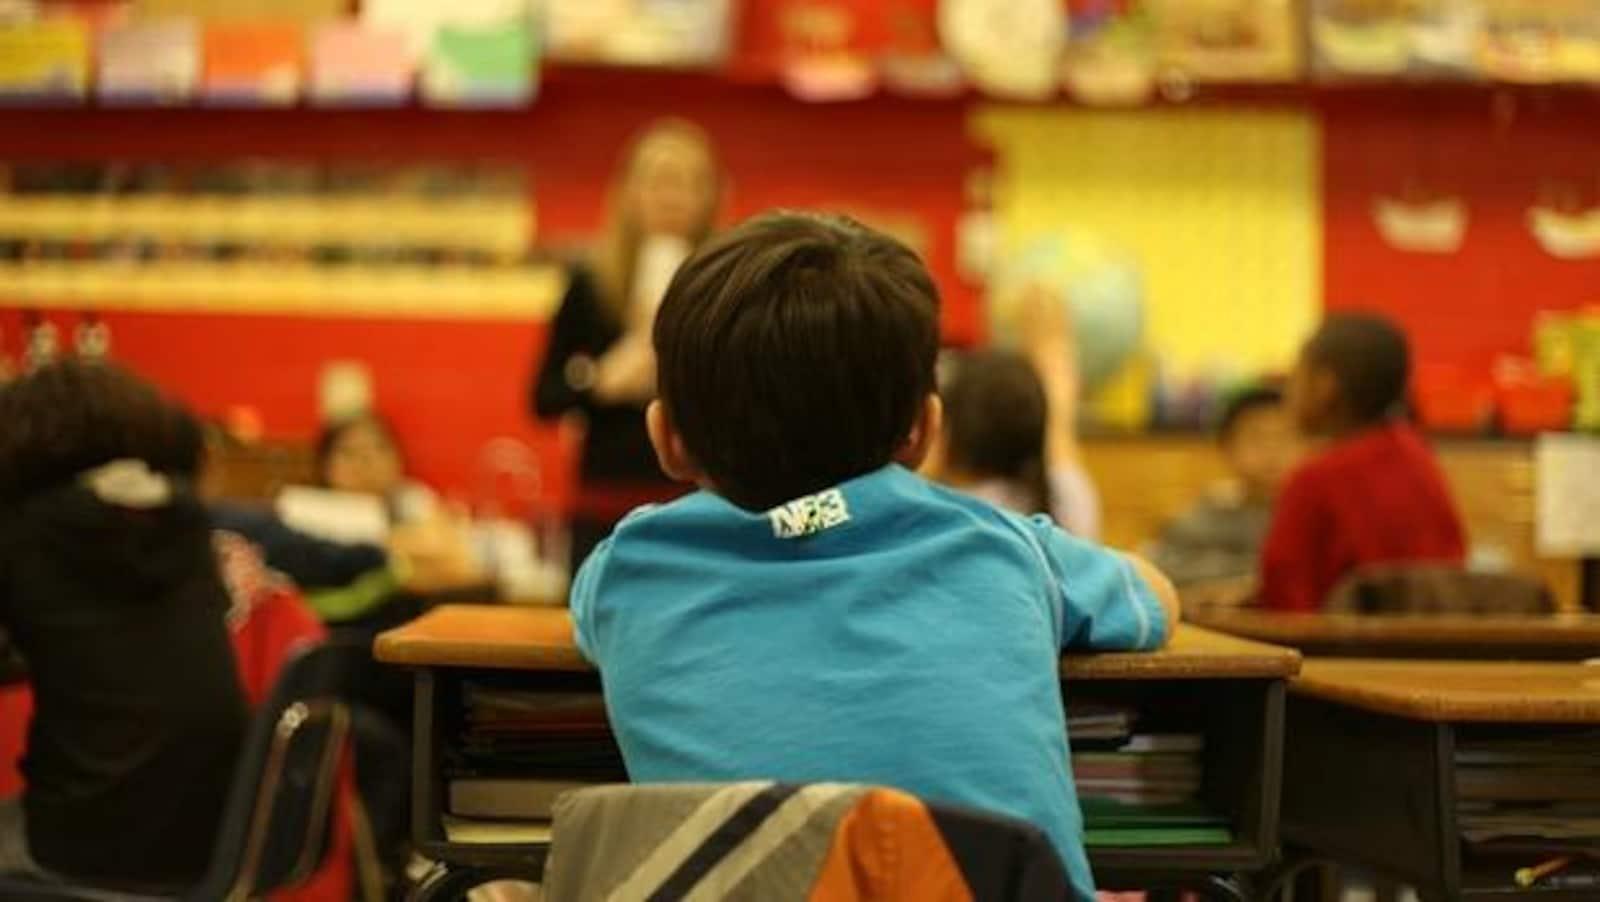 Un enfant assis de dos dans une salle de classe.